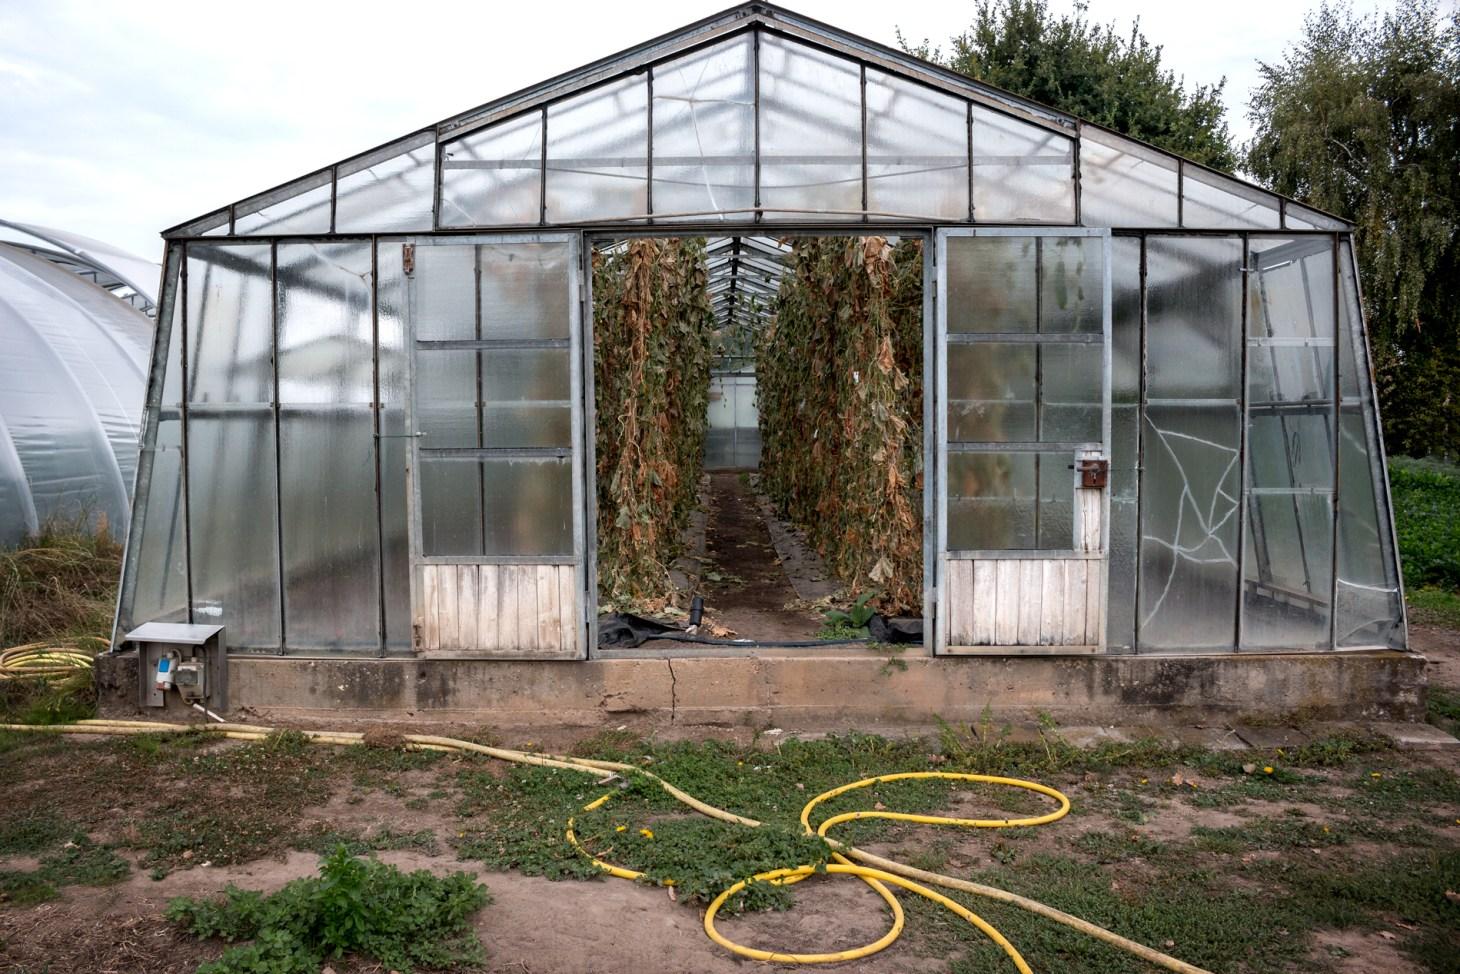 Gurkenhaus mit welken Pflanzen